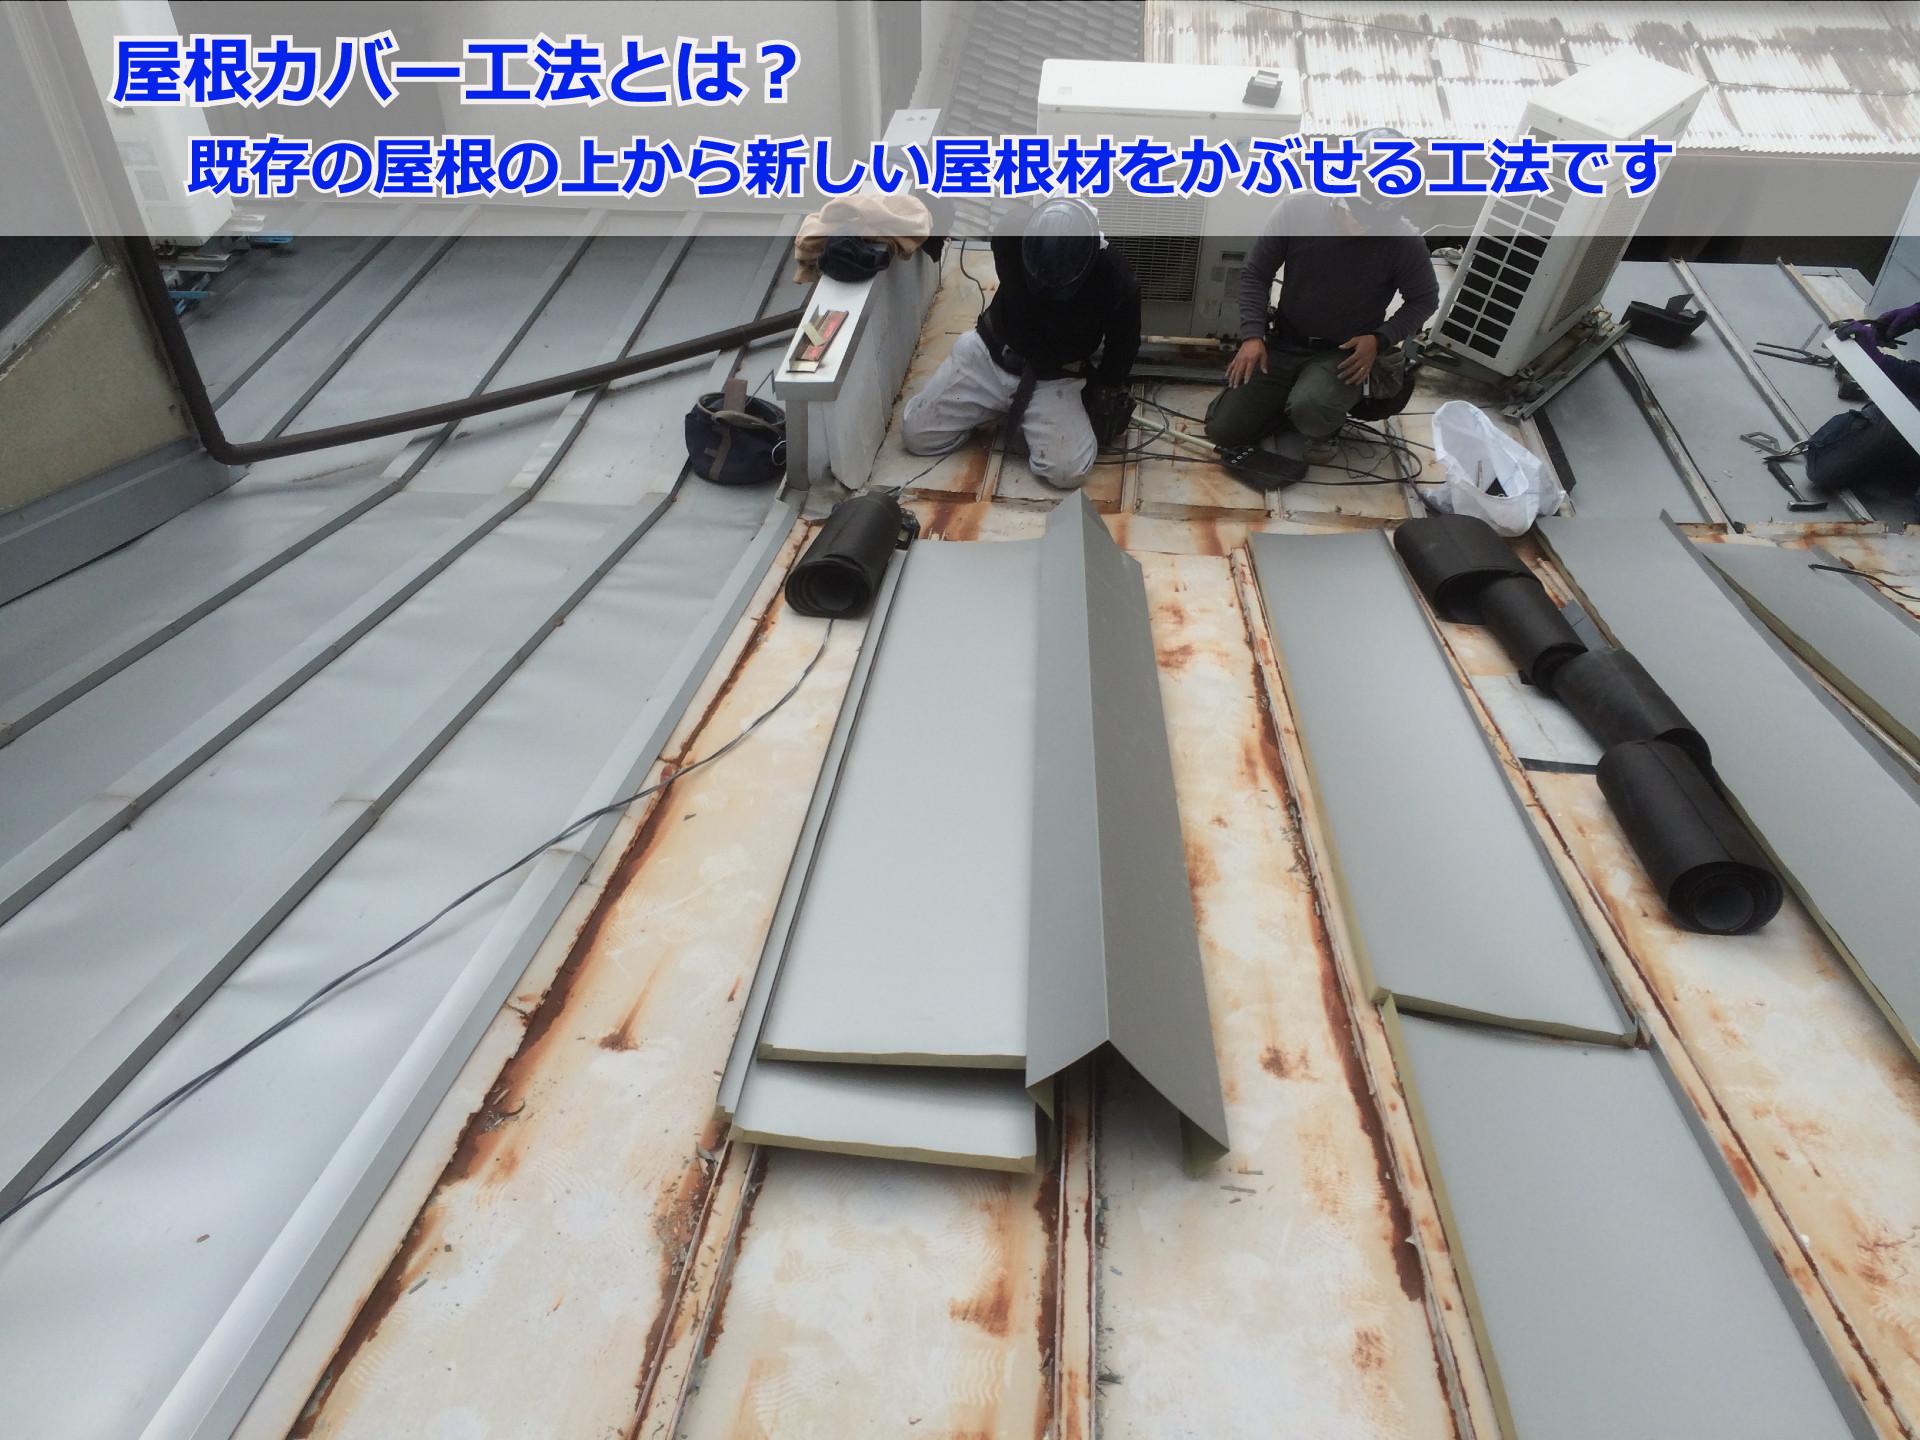 神戸市灘区で雨漏り修理!屋根カバー工法で雨漏りを解決しました